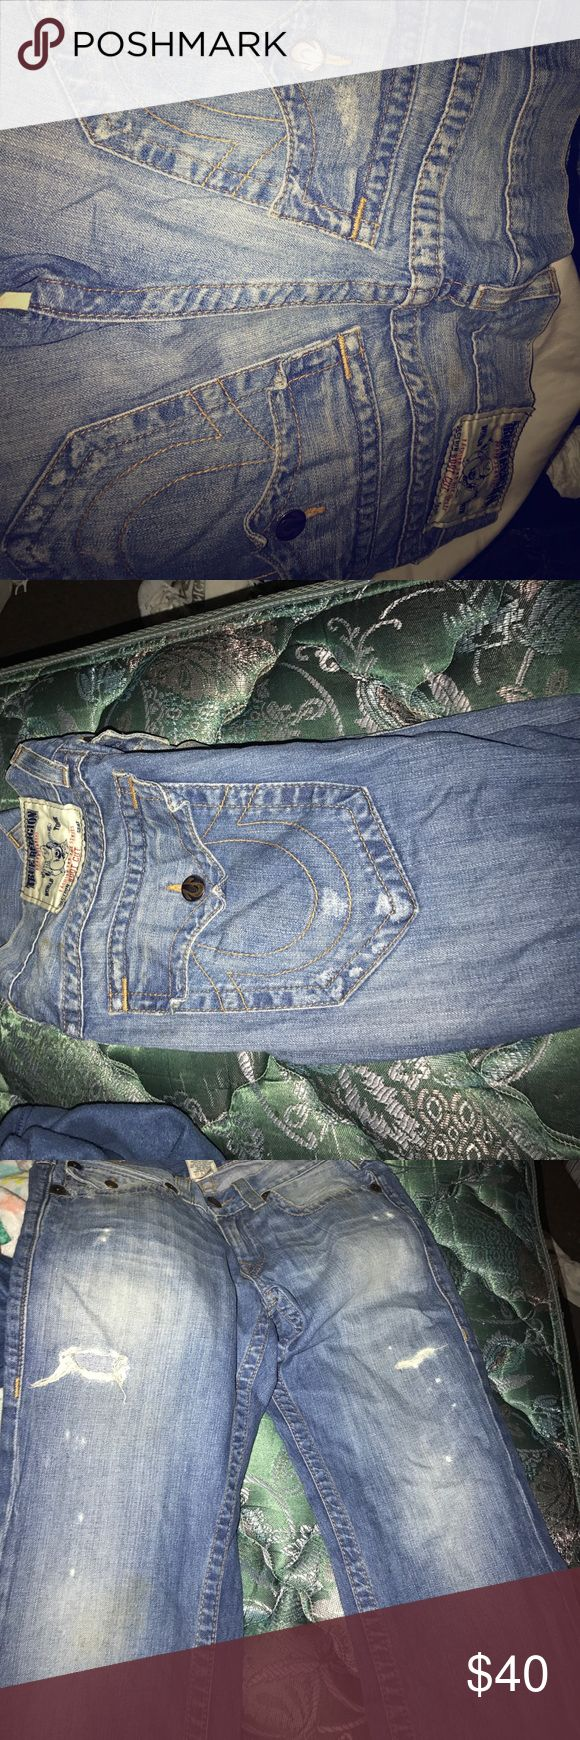 Authentic true religion jeans Size 30 men jeans true religion True Religion Jeans Slim